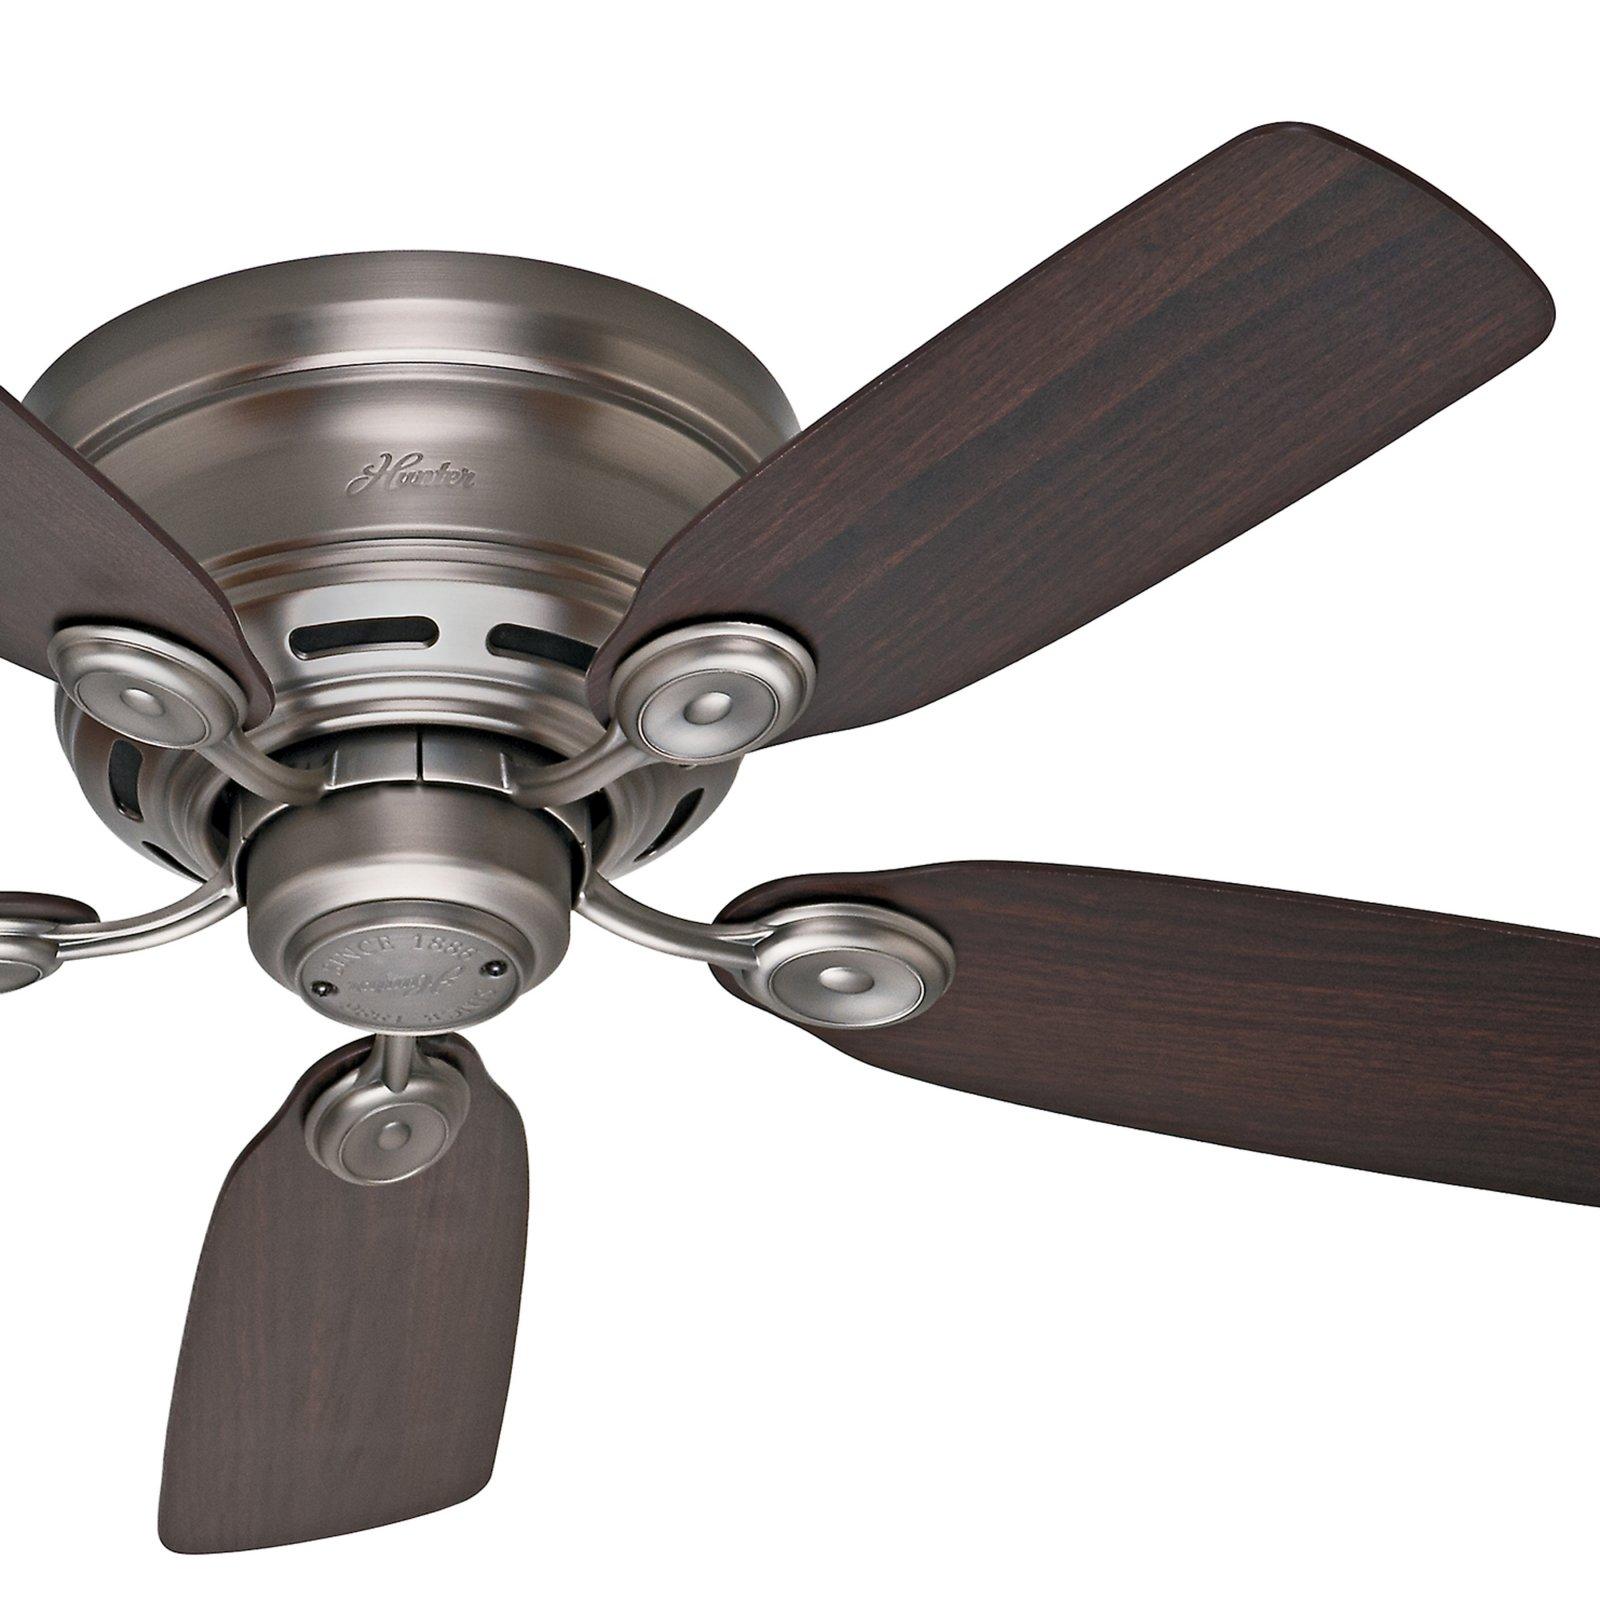 Hunter Fan 42 Hugger Ceiling Fan in Antique Pewter with 5 Dark Walnut Reversible Fan Blades